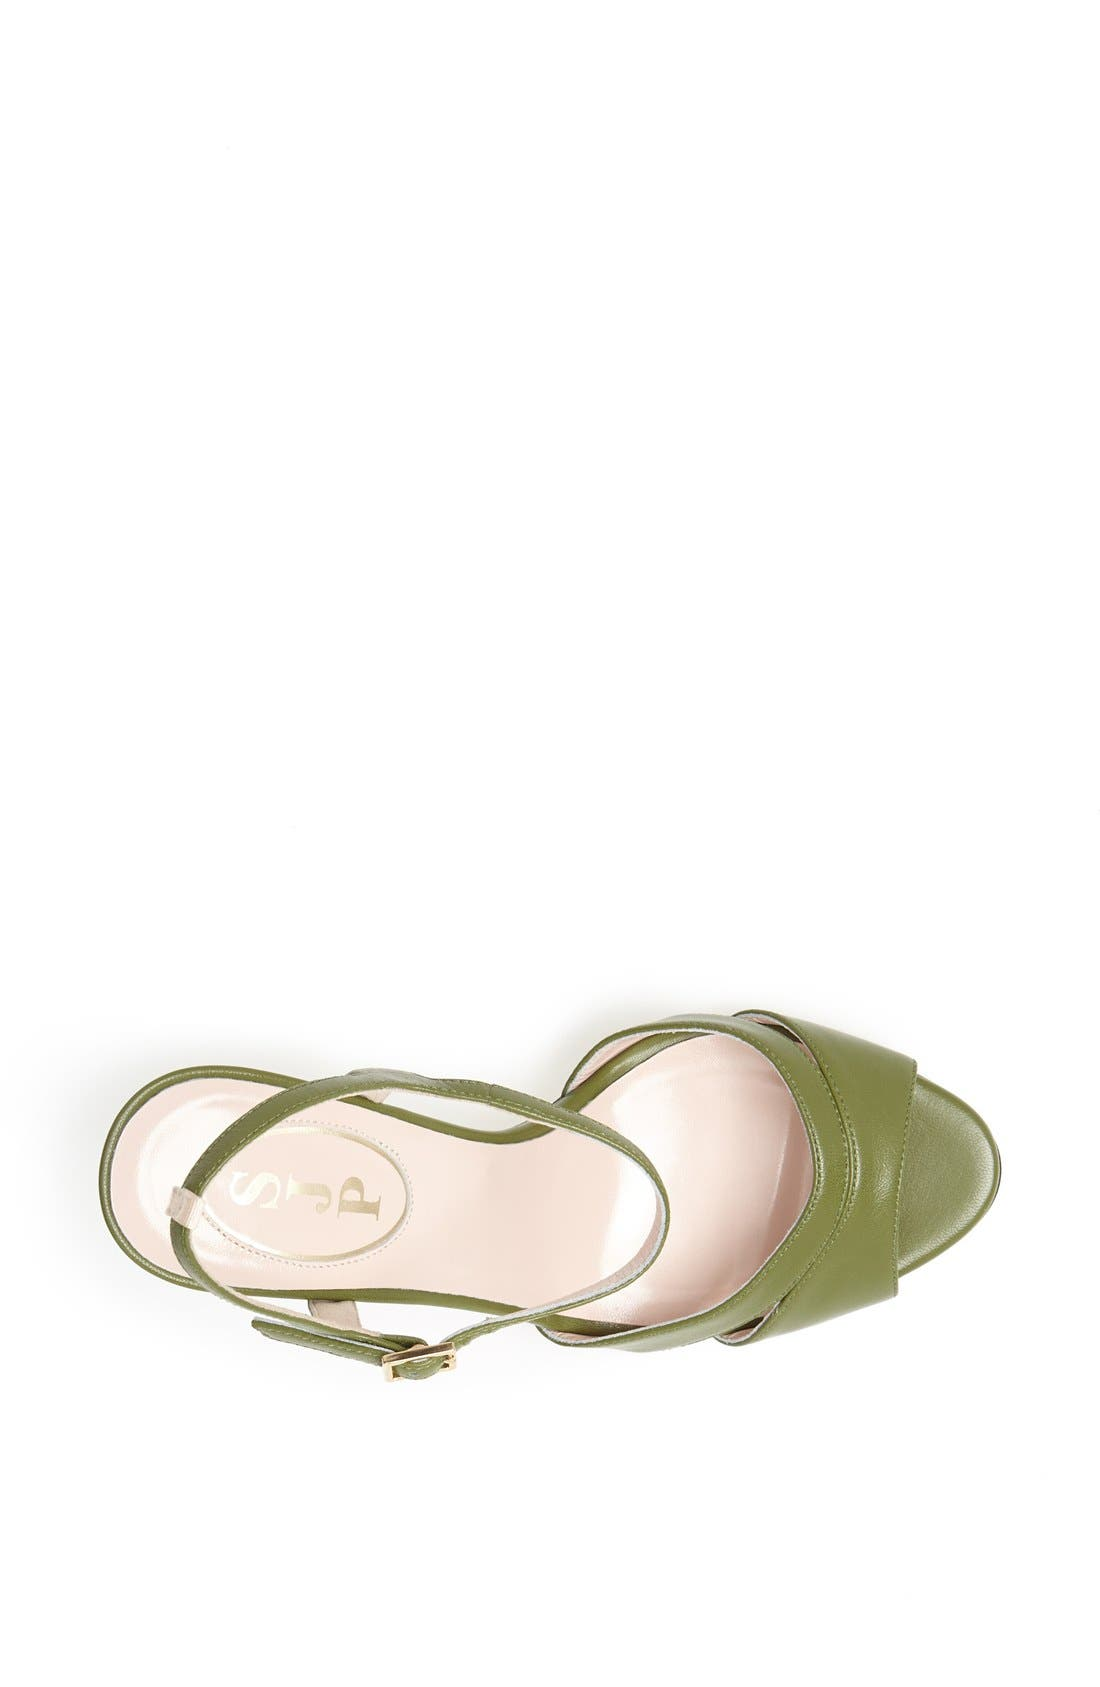 SJP 'Anna' Sandal,                             Alternate thumbnail 3, color,                             Green